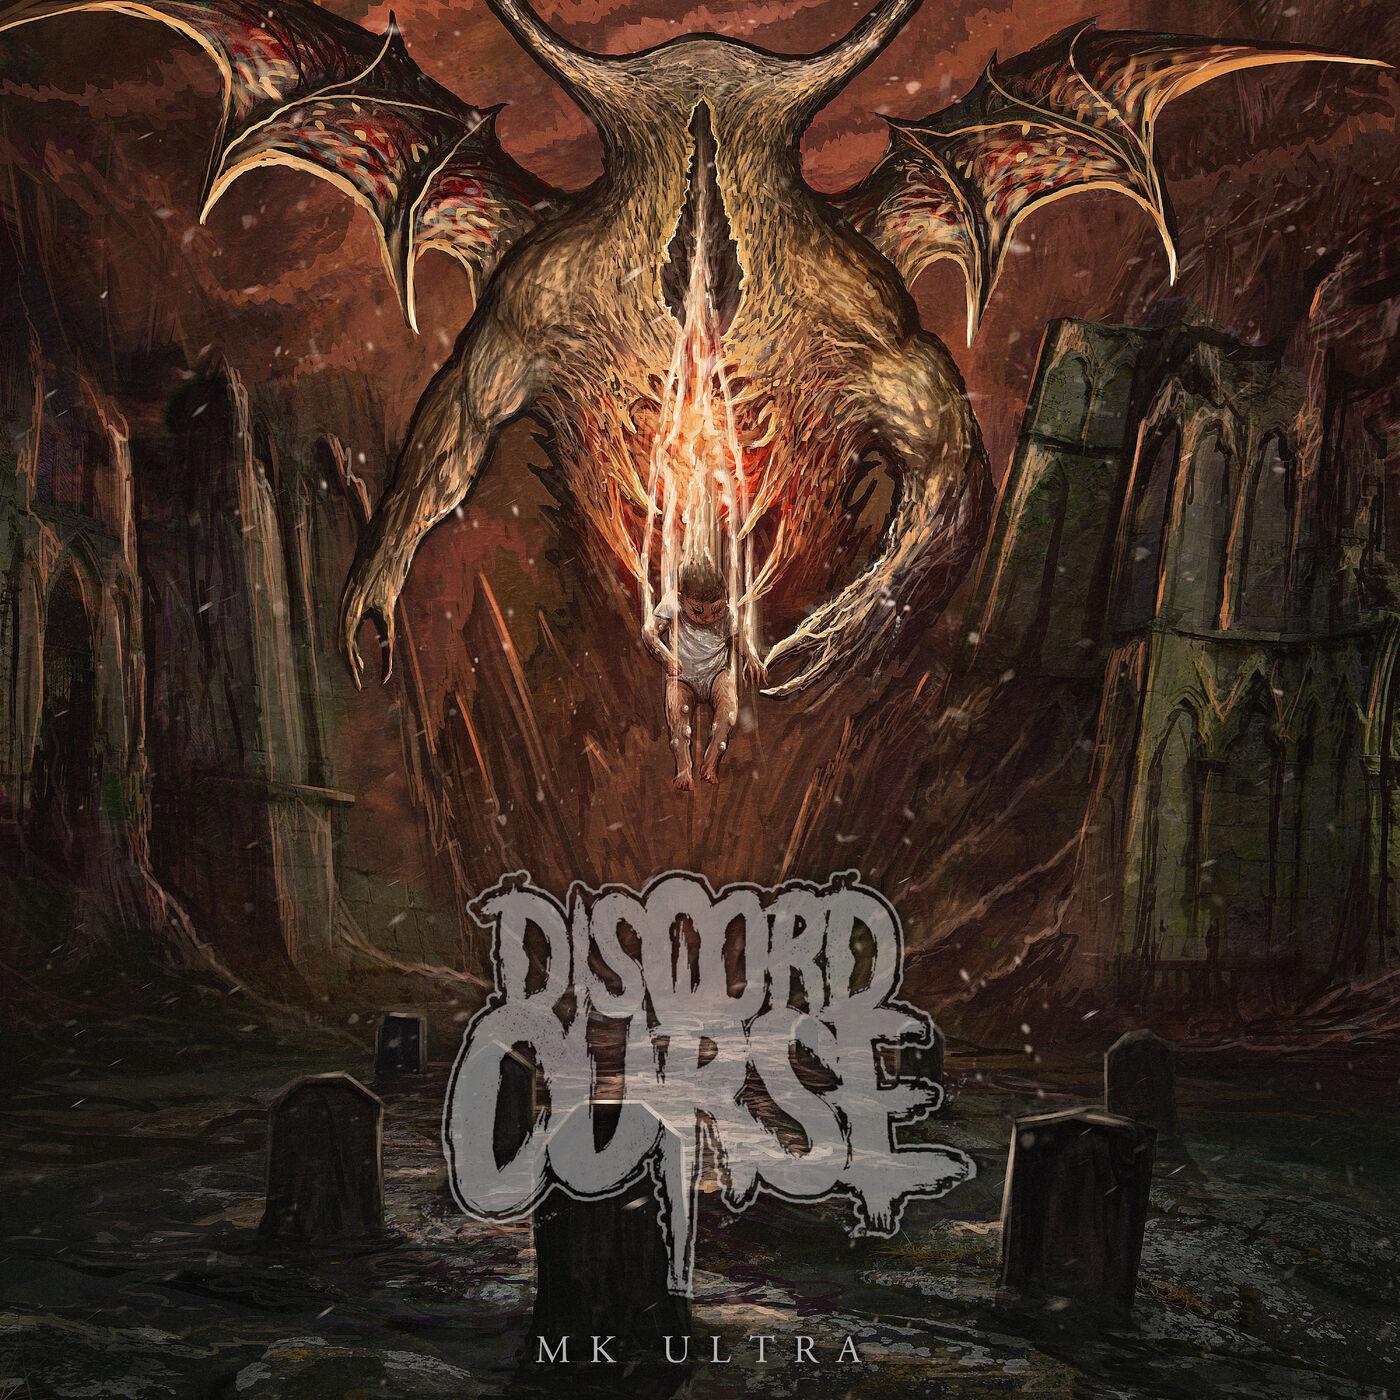 Discord Curse - MK Ultra (2019)